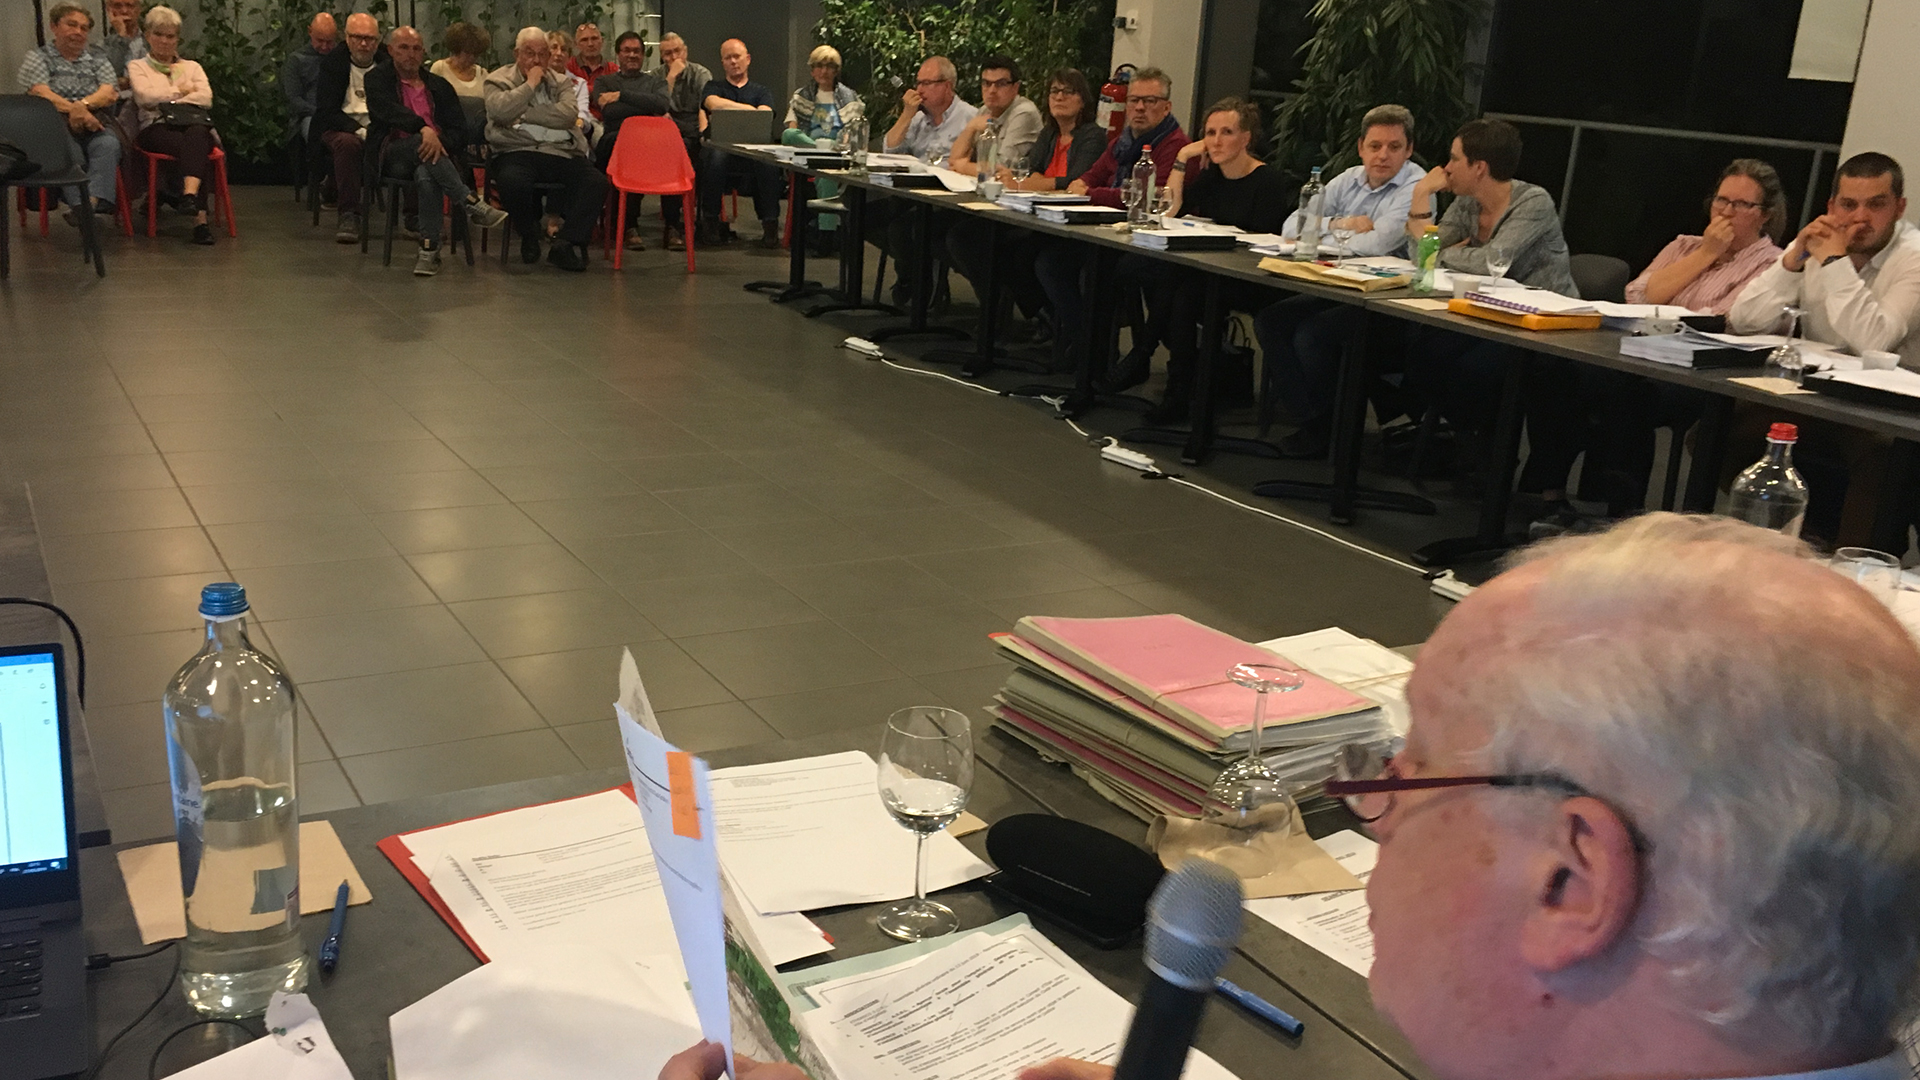 Conseil communal d'Andenne: des chiffres et des recours